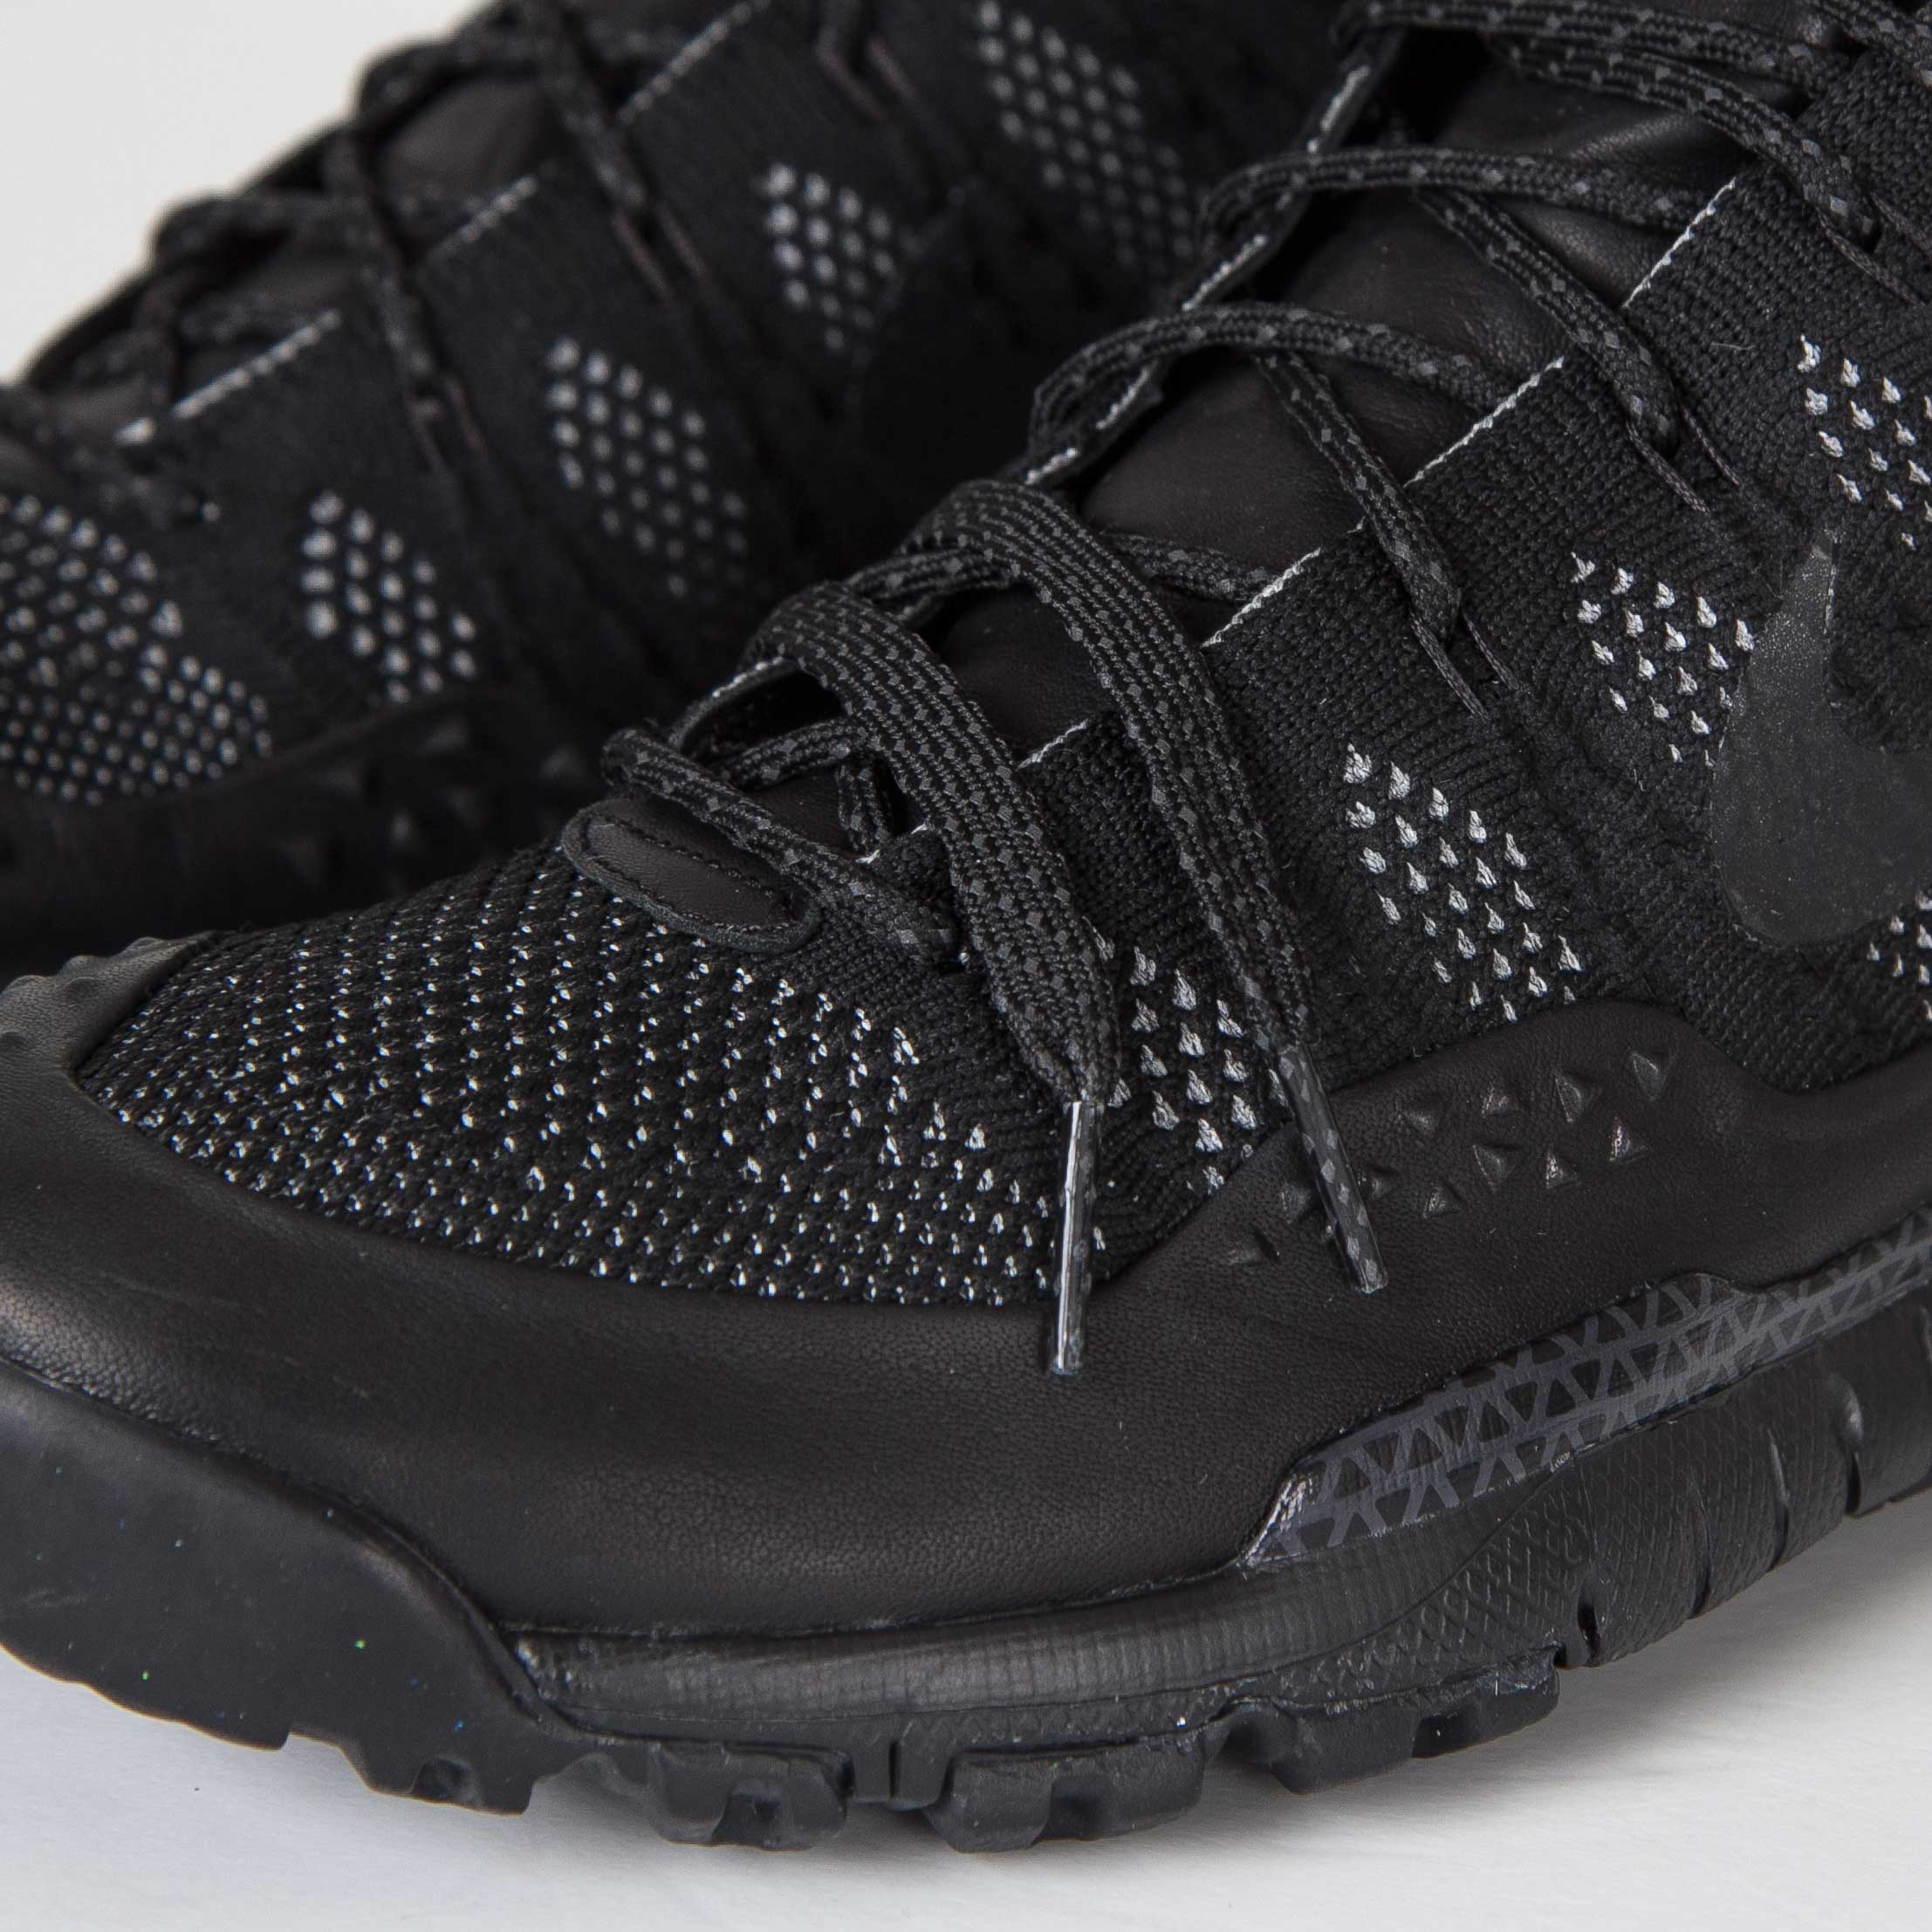 reputable site ceb30 25bfa Nike Lupinek Flyknit ACG - 826077-001 - Sneakersnstuff   sneakers    streetwear online since 1999